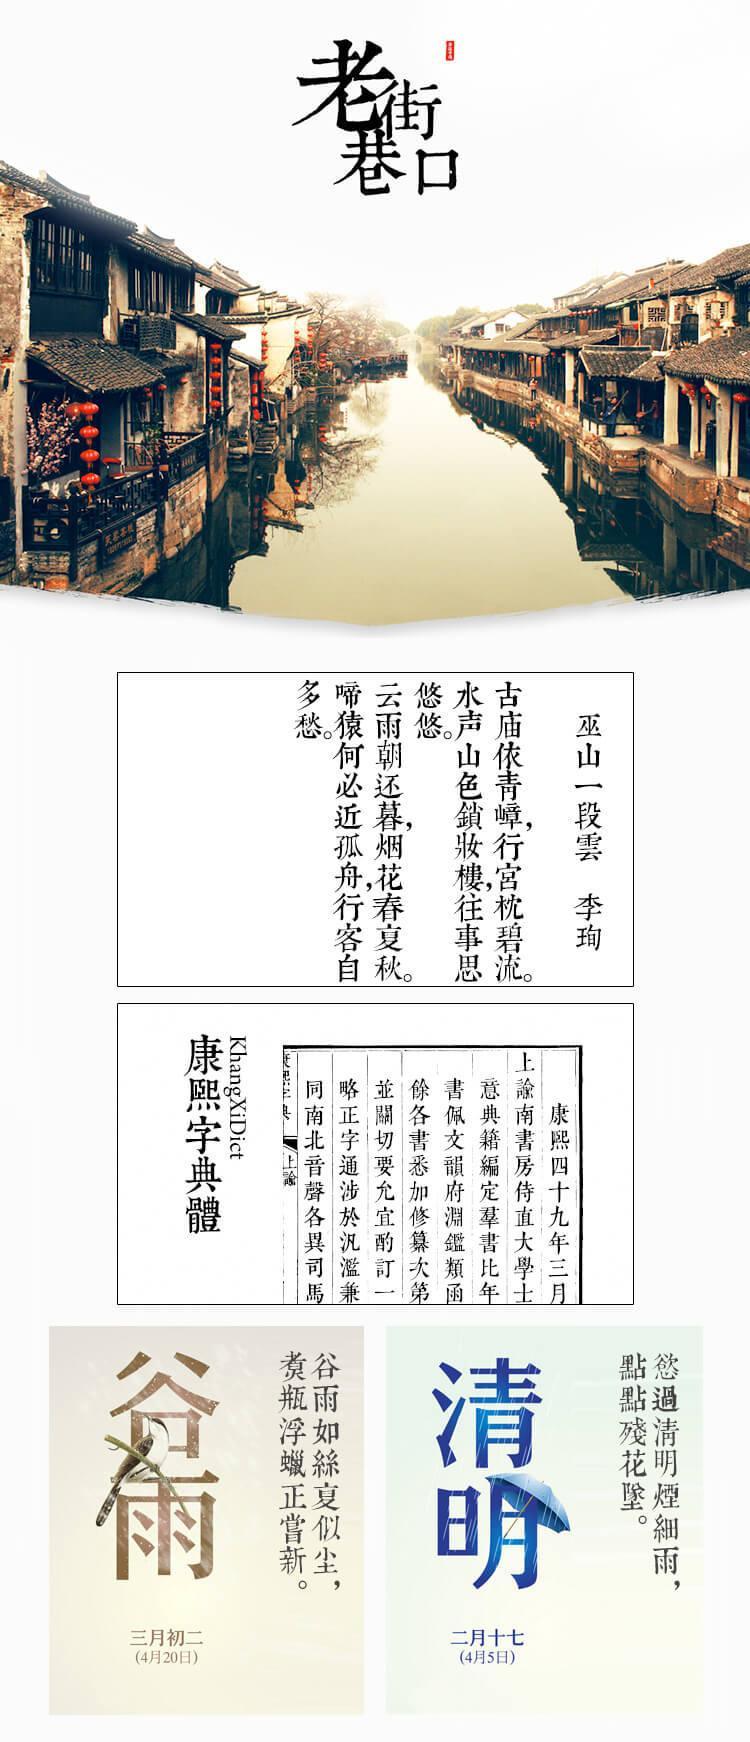 「绝对精品」中英日文字体库大全PS字体设计素材